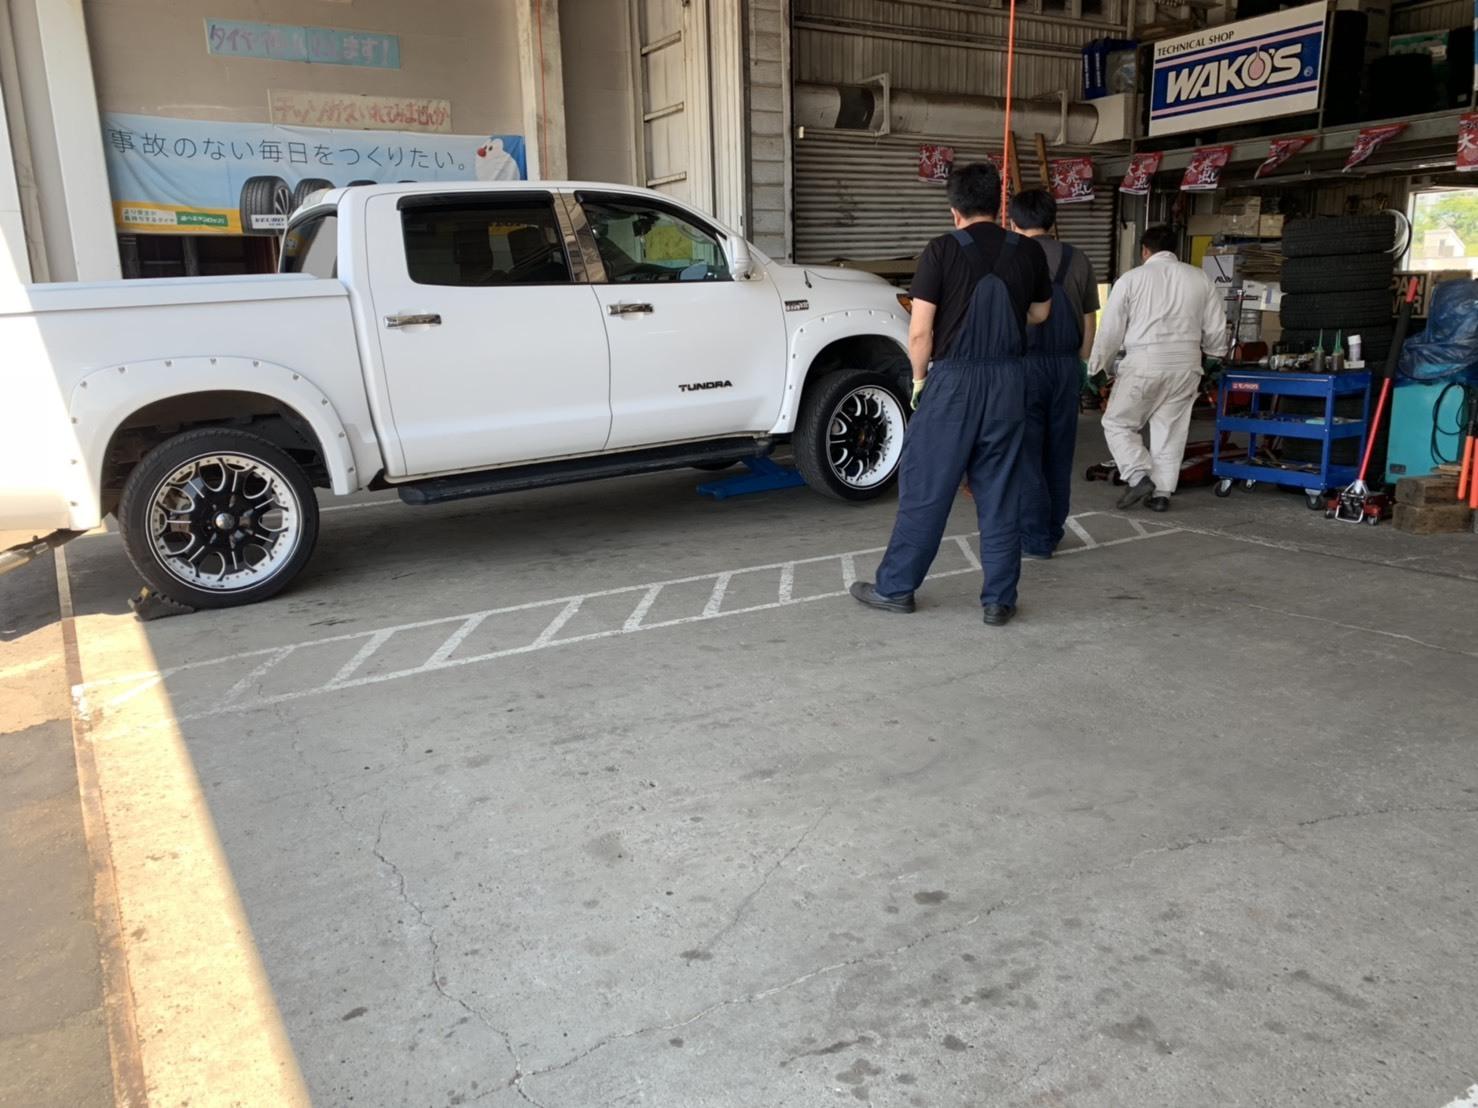 7月9日(火)本店ブログ♪ランクル200 4.6AX 4WD 21000キロです! ハマー レクサス アルファード_b0127002_19215024.jpg